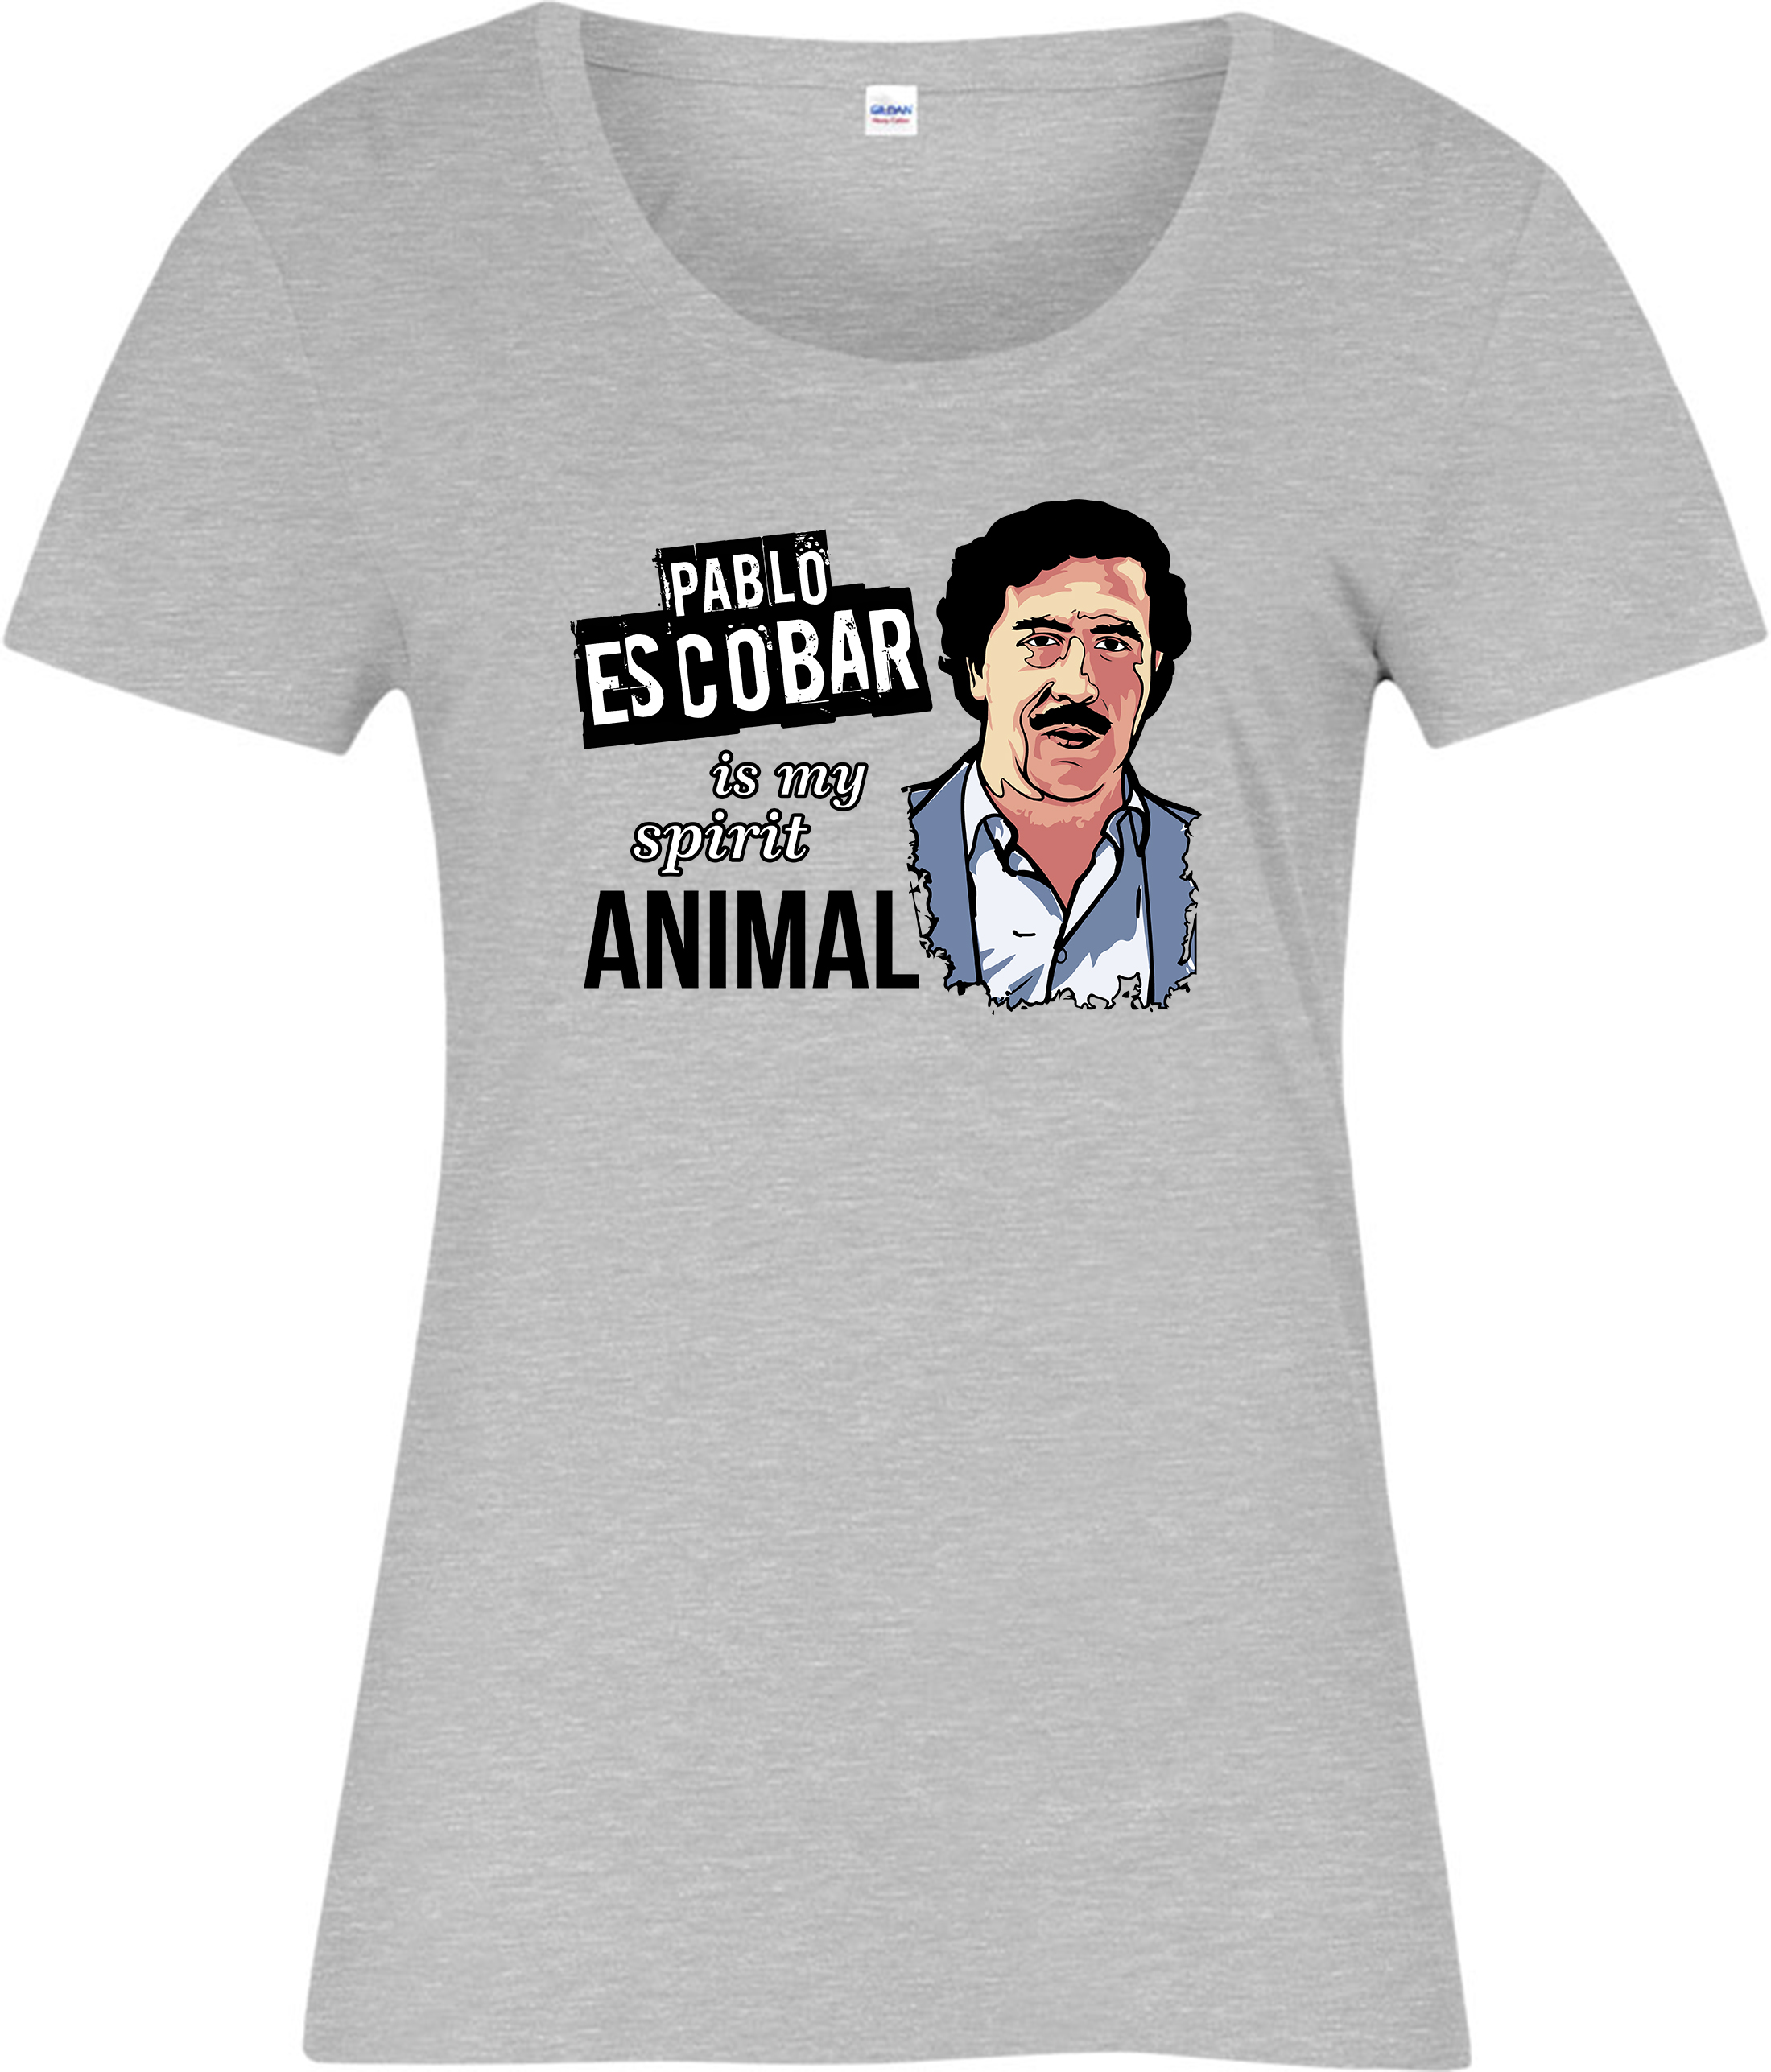 2019 Modo Caldo Di Vendita Di Pablo Escobar È Il Mio Spirito Animale T-shirt, Spirito Animale Parodia Del Regalo Delle Signore Top Tee Shirt